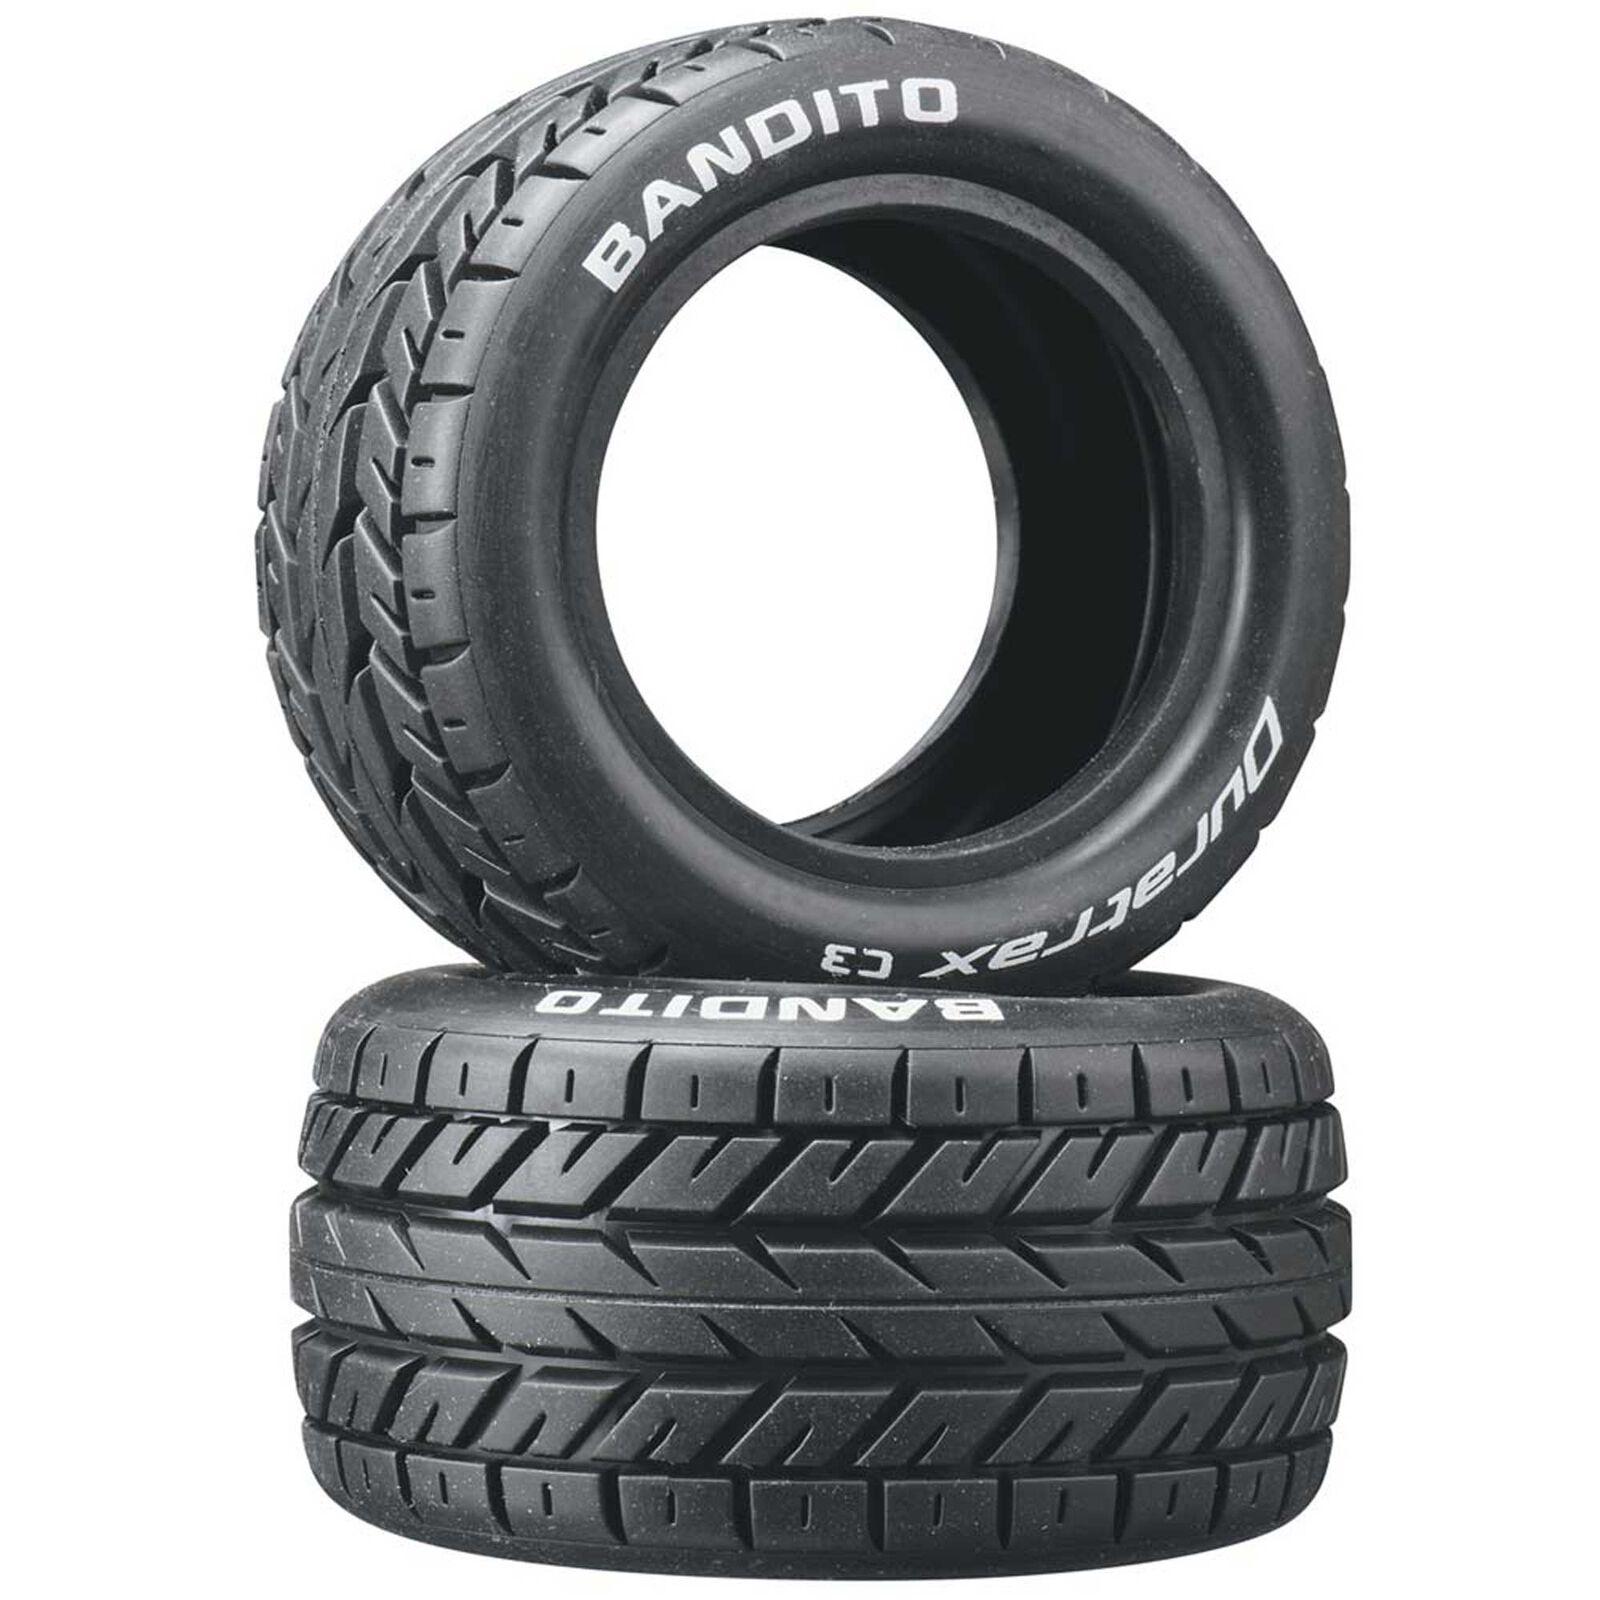 Bandito 1/10 Buggy Tires Rear 4WD C3 (2)